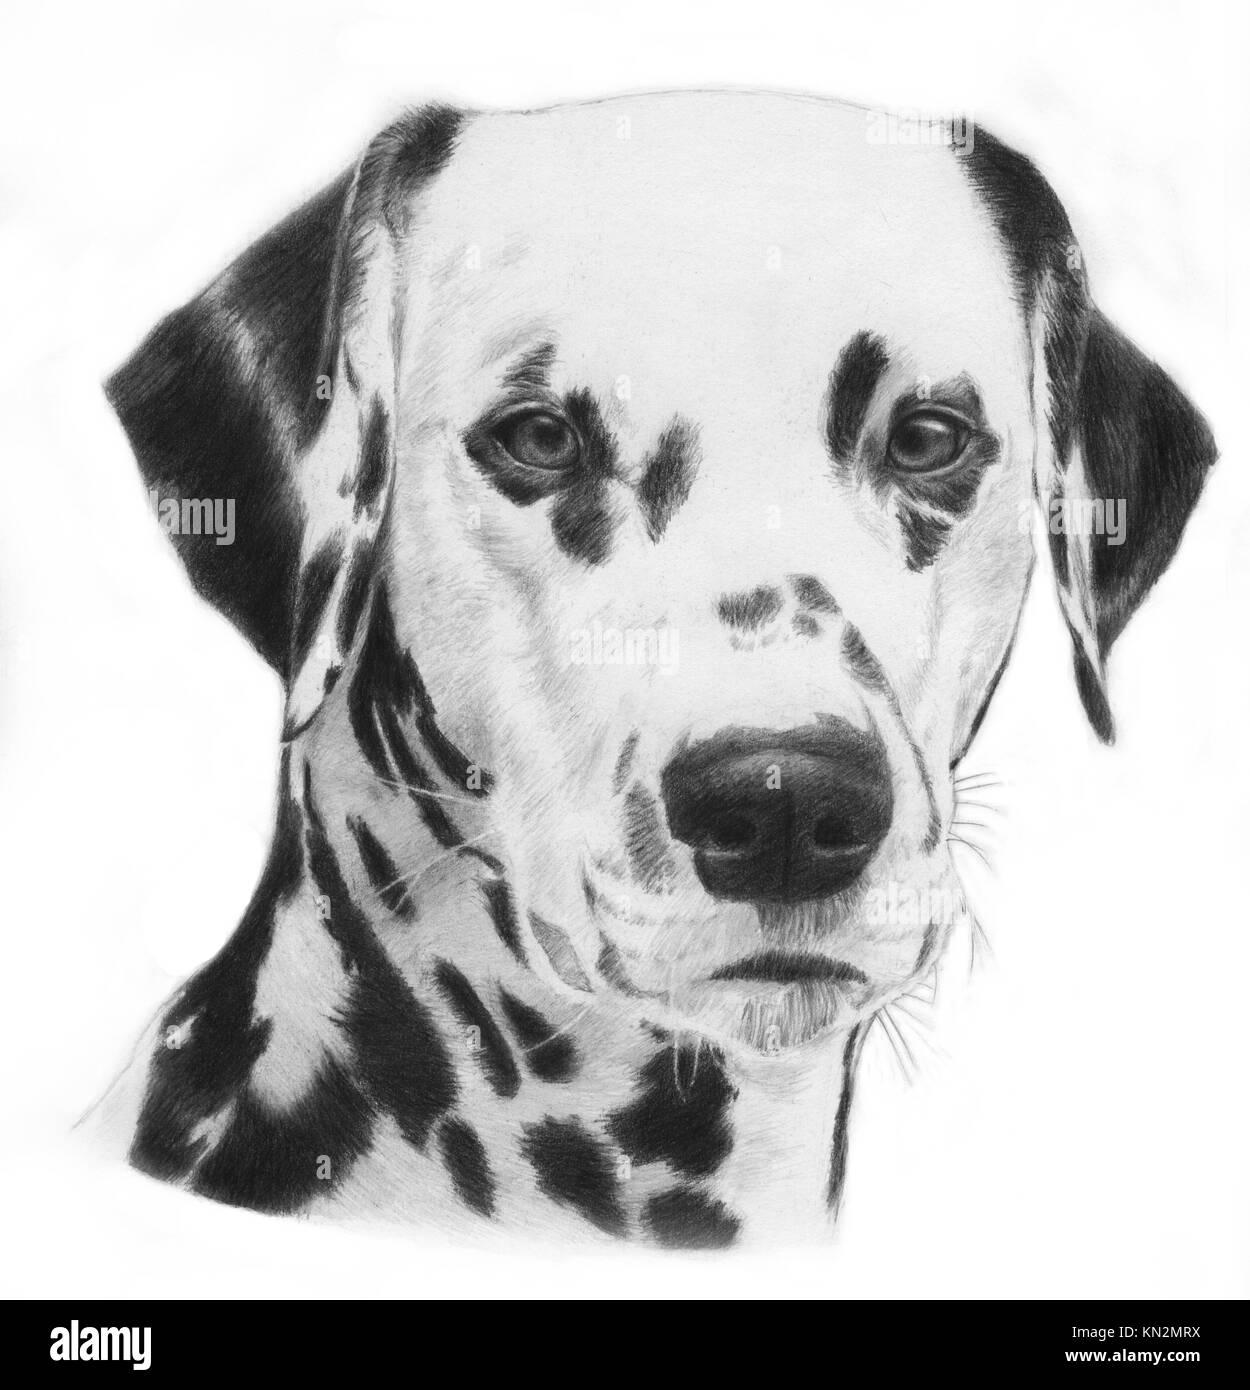 Dalmatiner, Hand gezeichnet Graustufen Kopf einer Dalmatiens. Hund Abbildung sehr realistisch. Stockbild